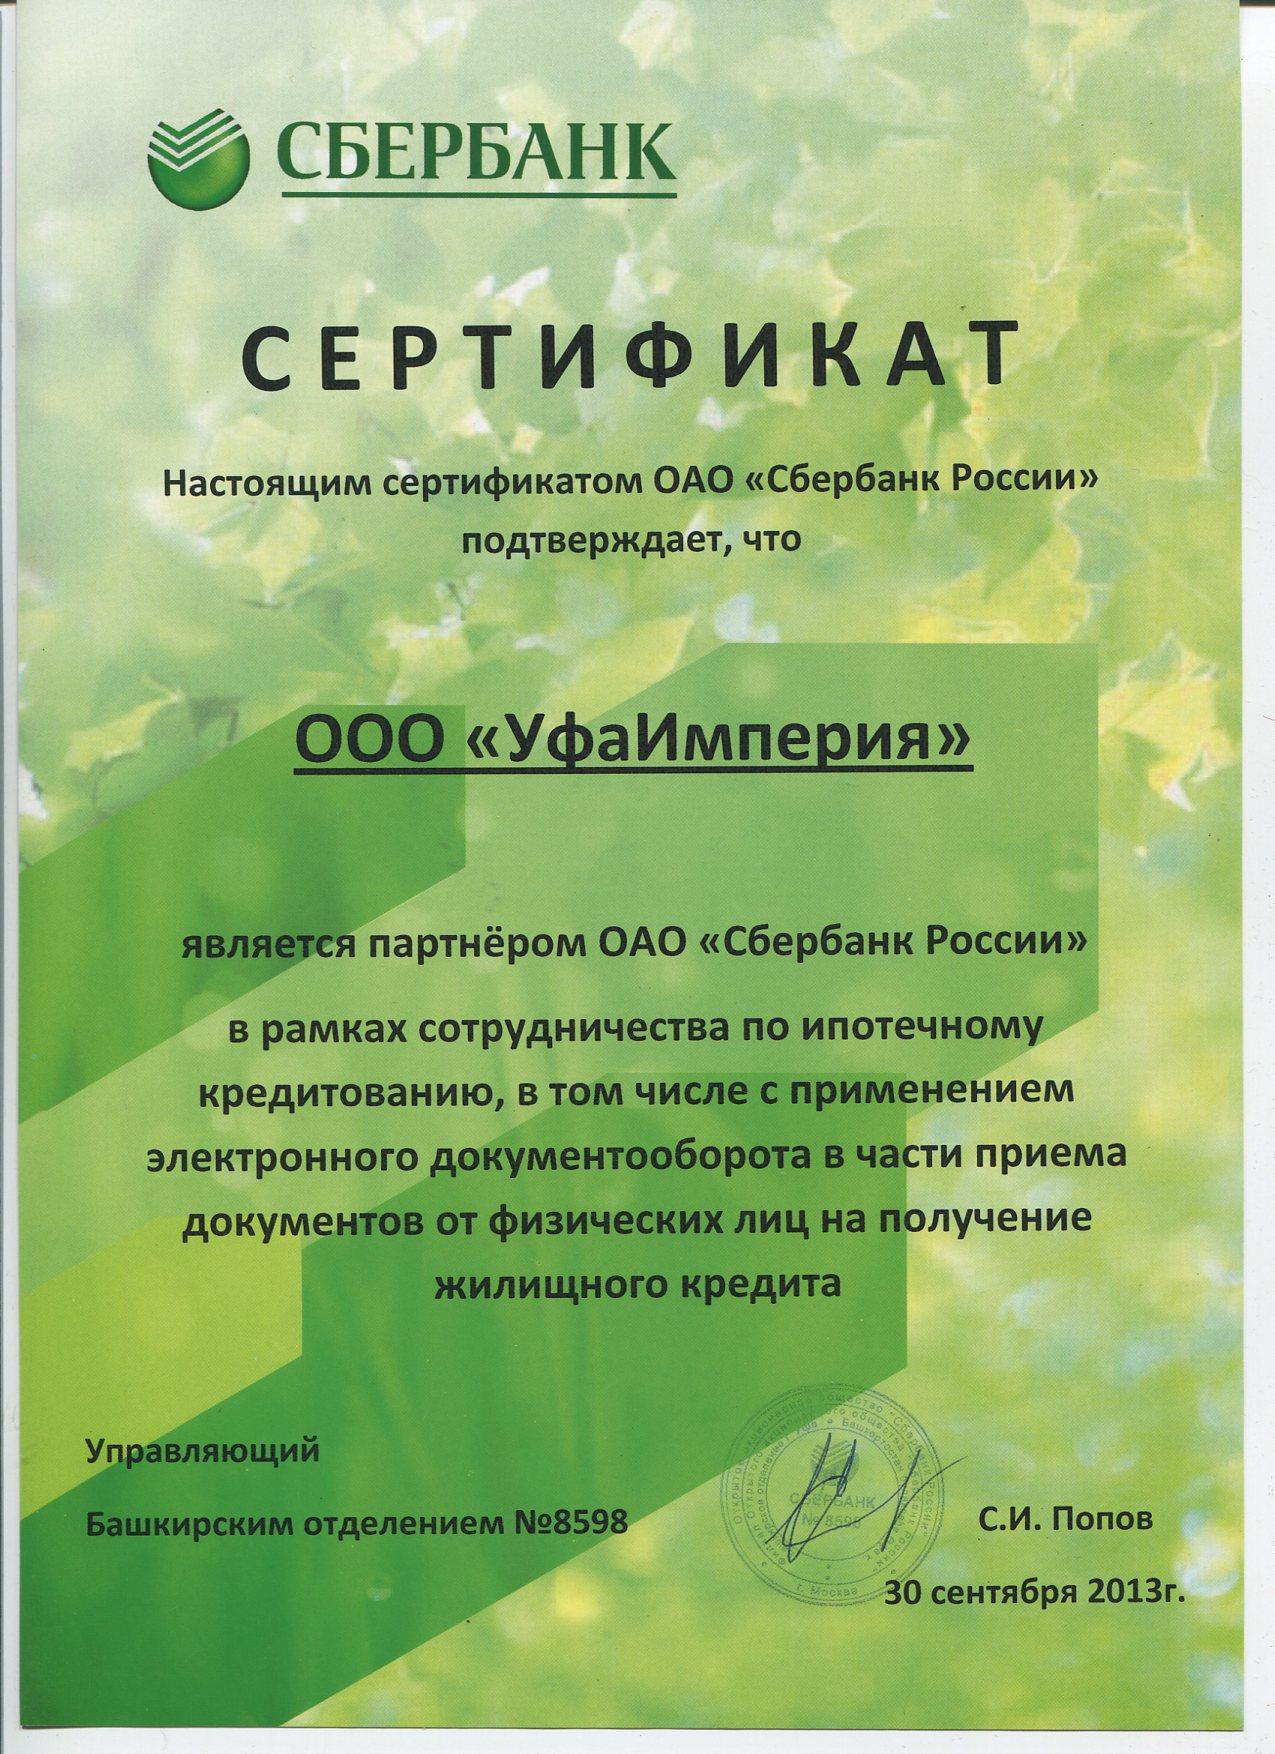 фото сертификат сбербанк приходят